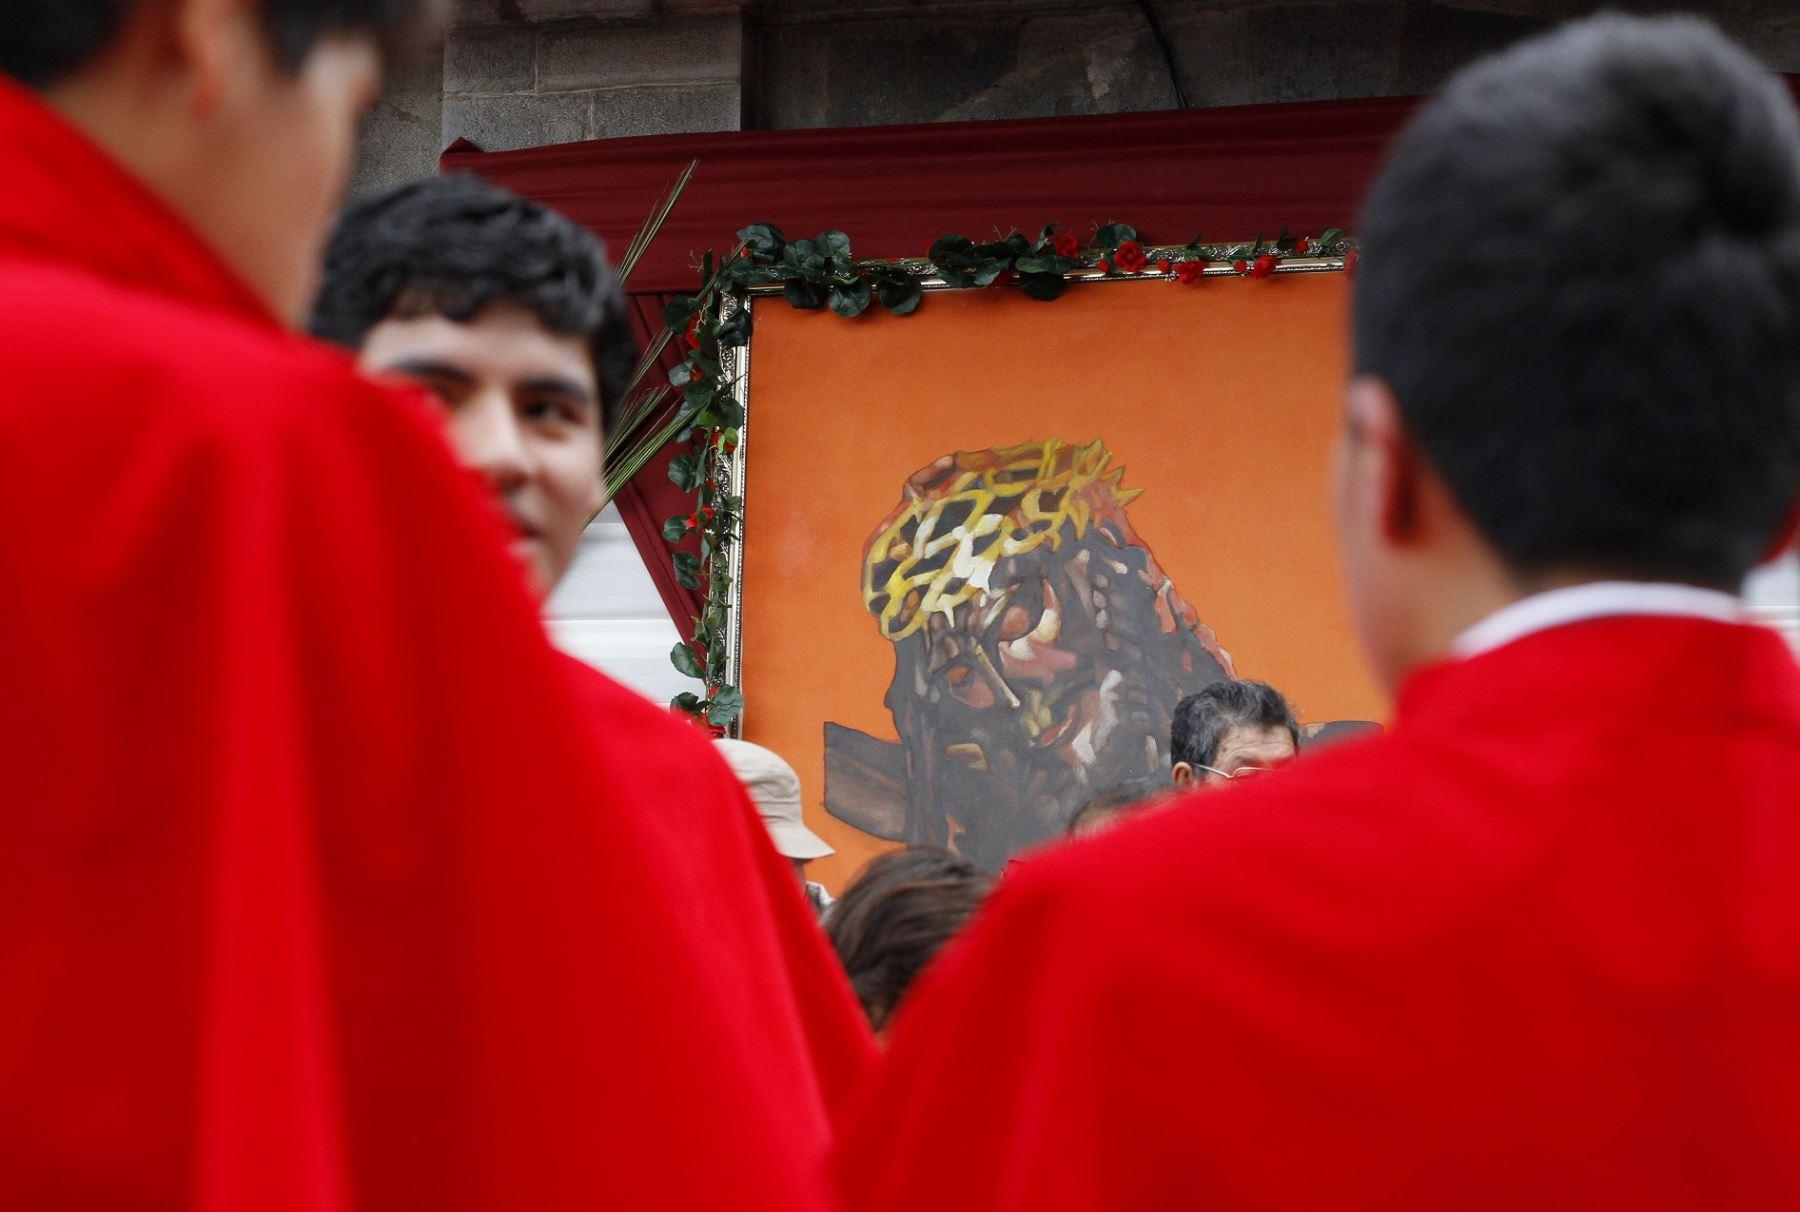 procesión la imagen del Señor de los Temblores, Santo Patrón de Cusco, por las principales calles de la ciudad imperial, como parte de las actividades que se desarrollan por Semana Santa.